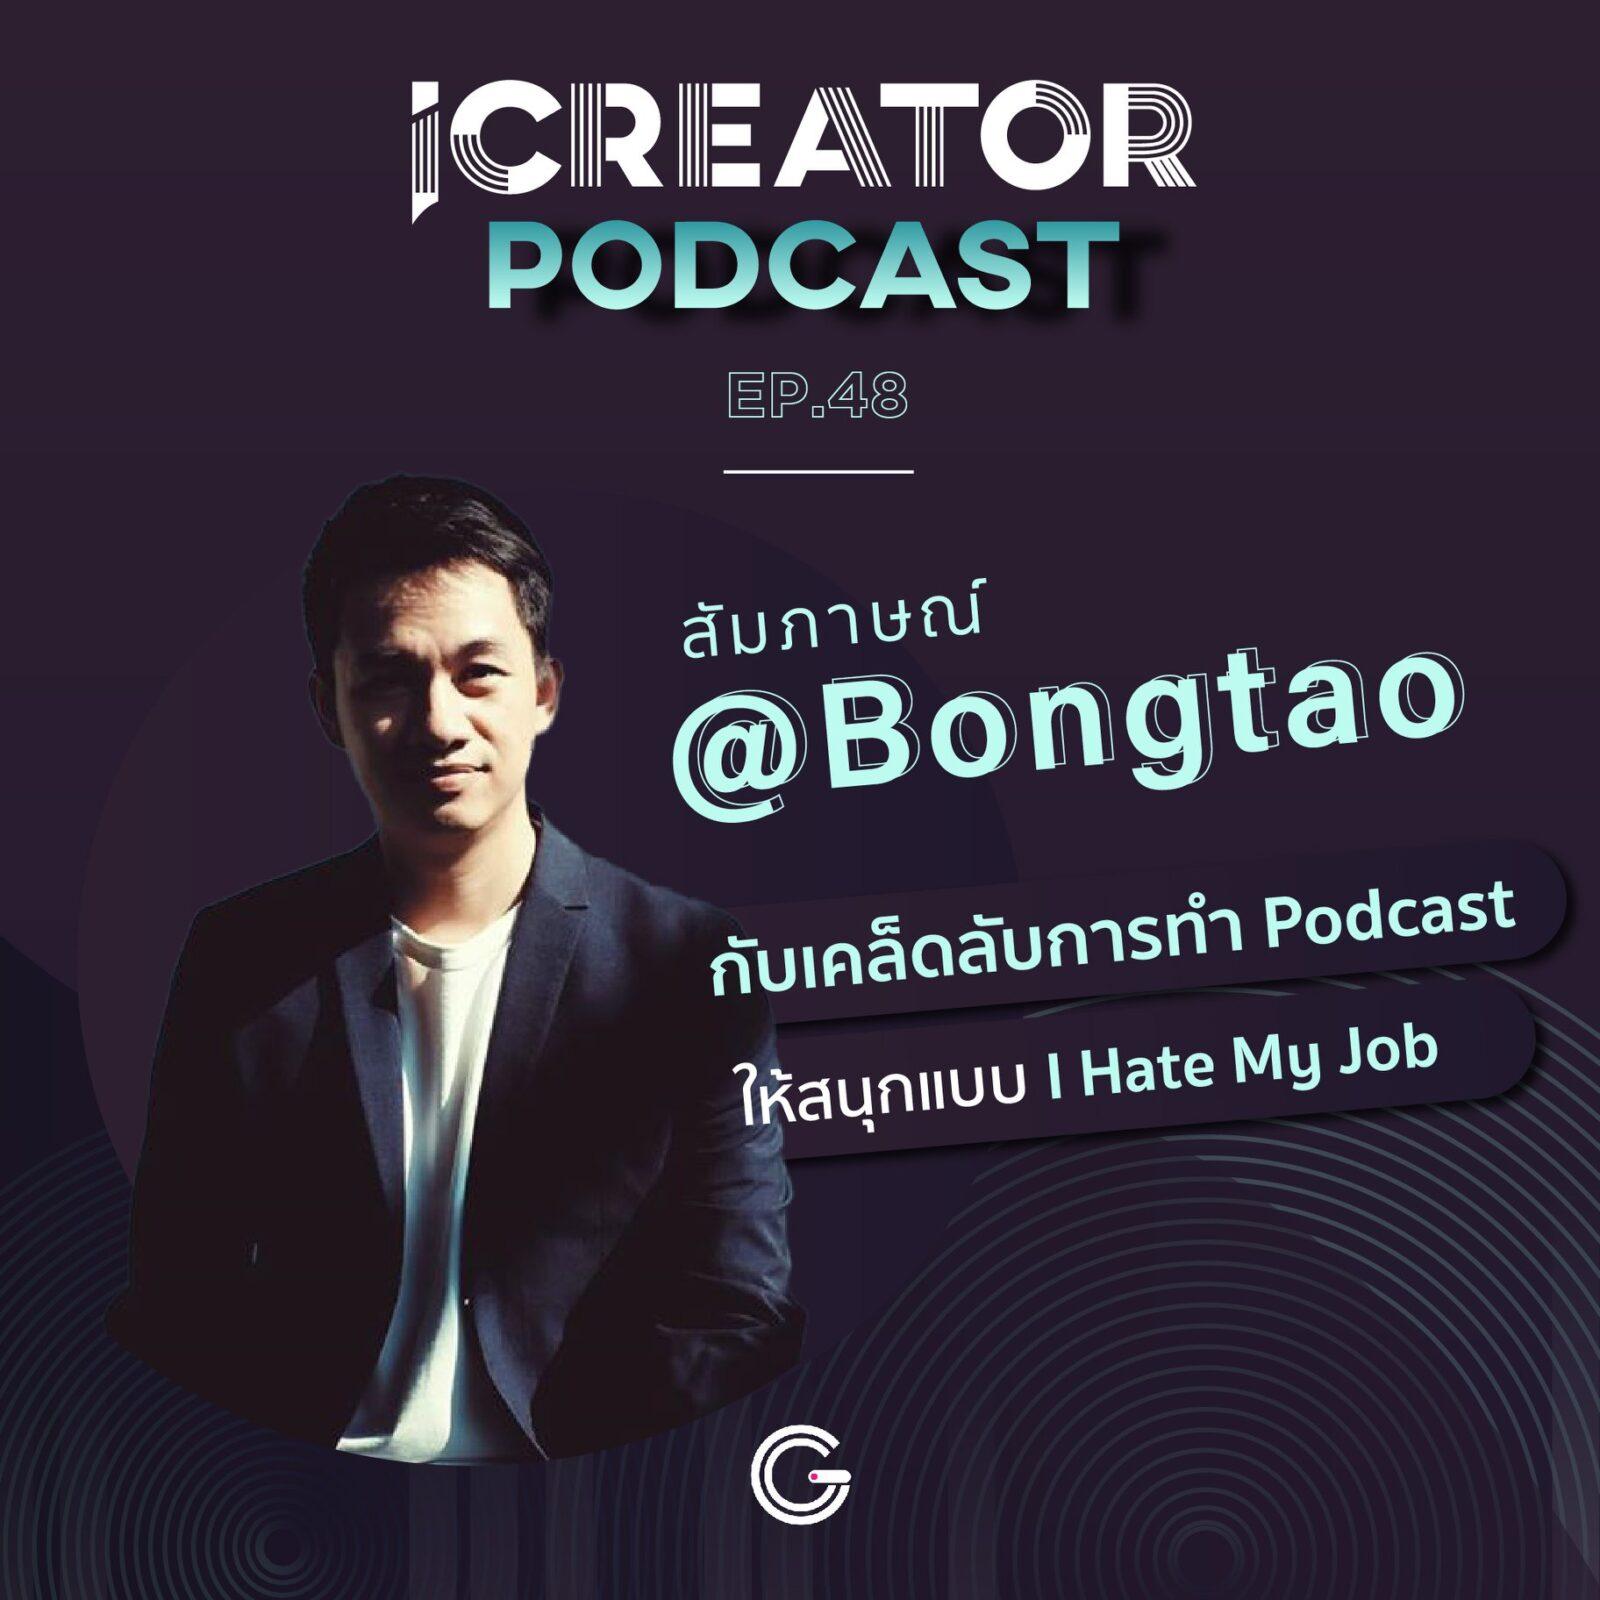 สัมภาษณ์ @Bongtao กับเคล็ดลับการทำ Podcast ให้สนุกแบบ I Hate My Job